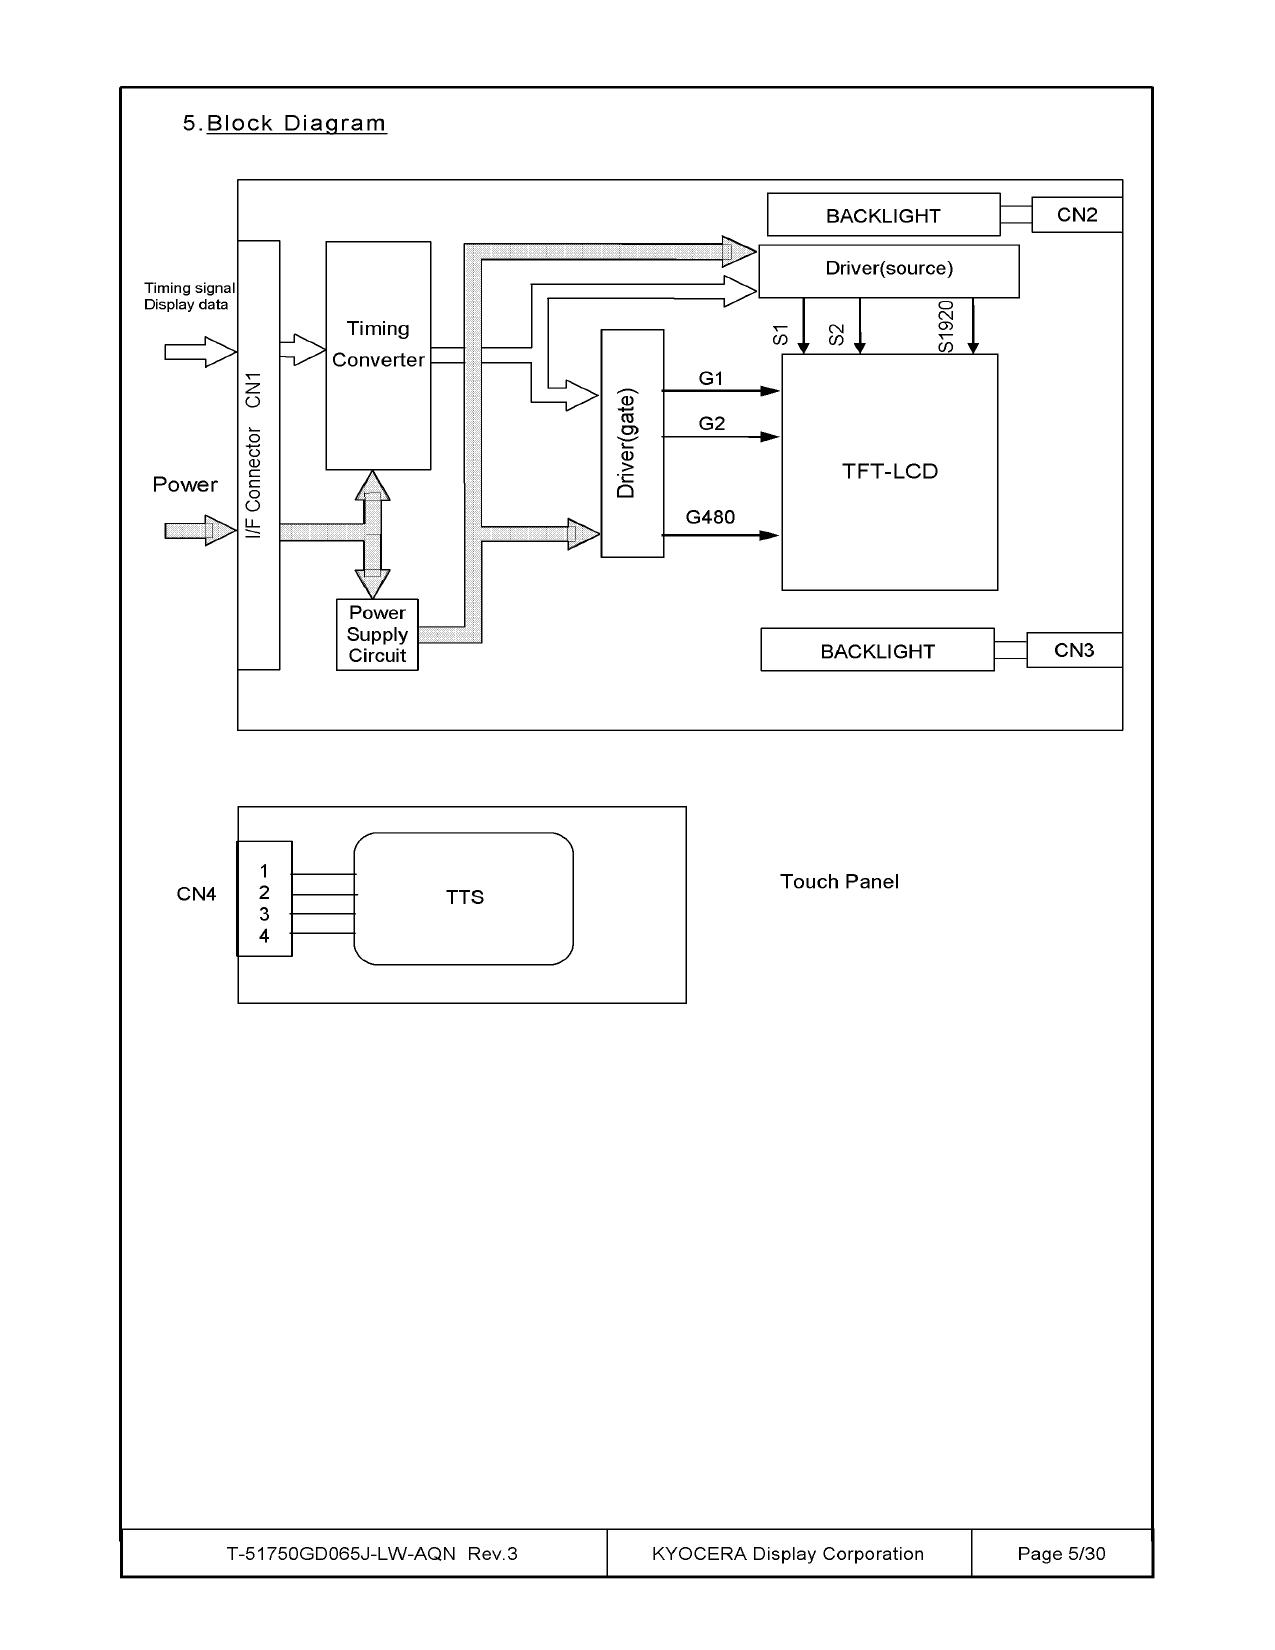 T-51750GD065J-LW-AQN pdf